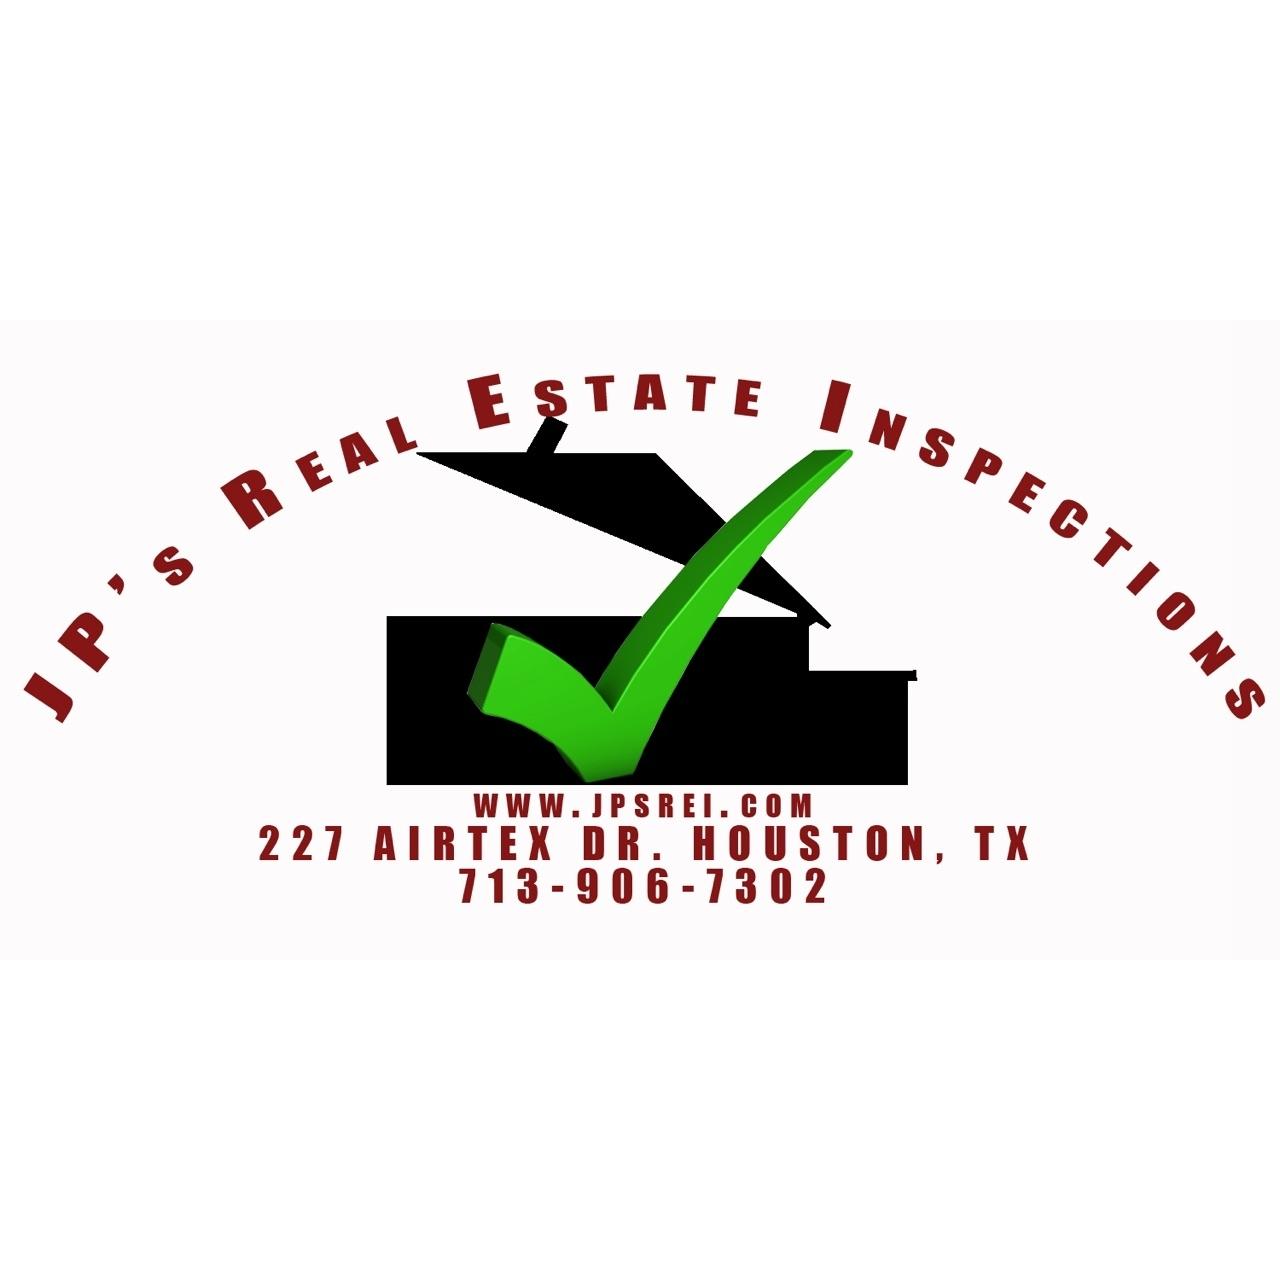 JP's Real Estate Inspection